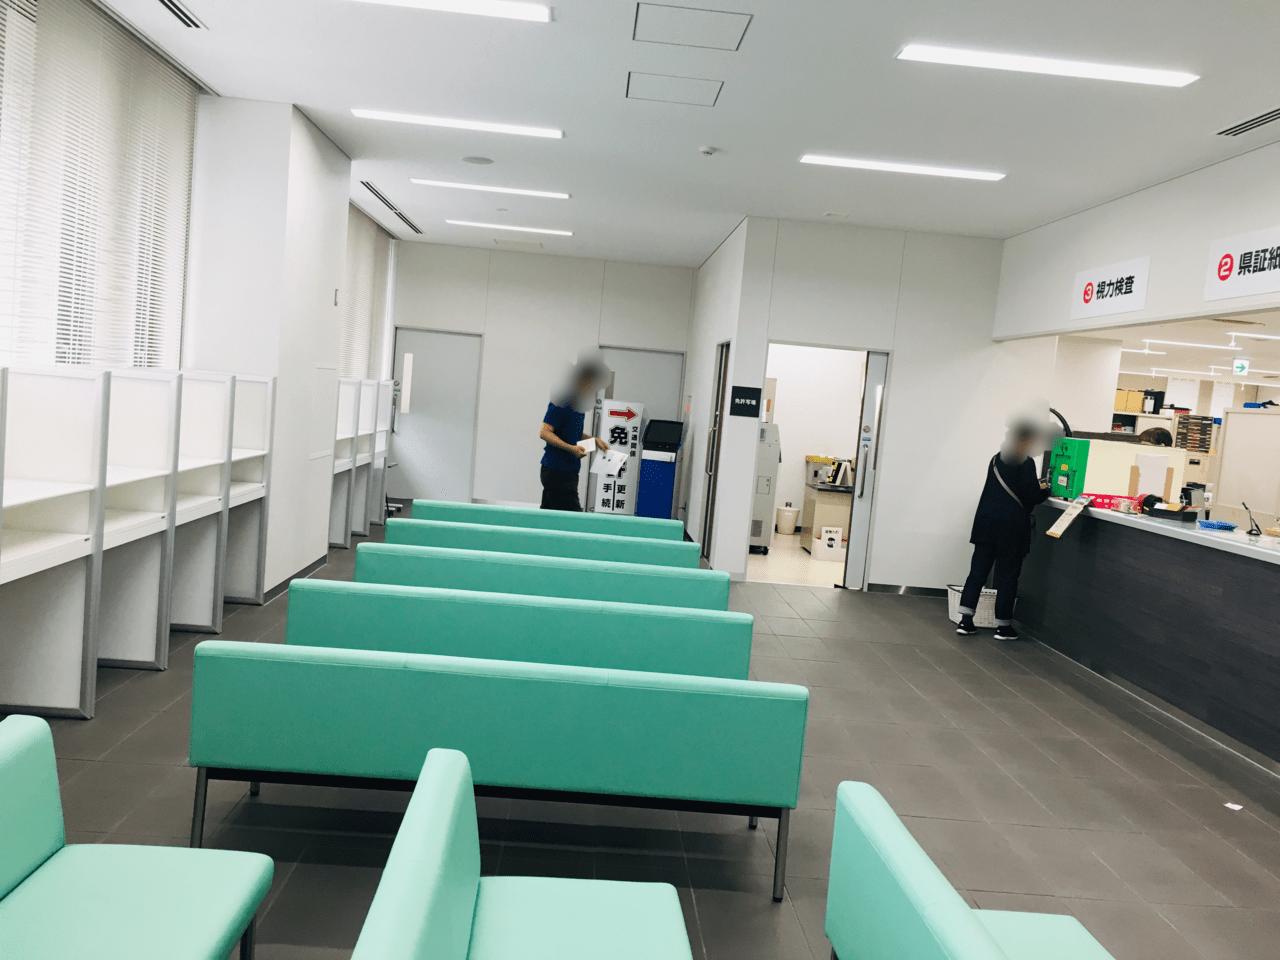 和光 市 バス 羽田